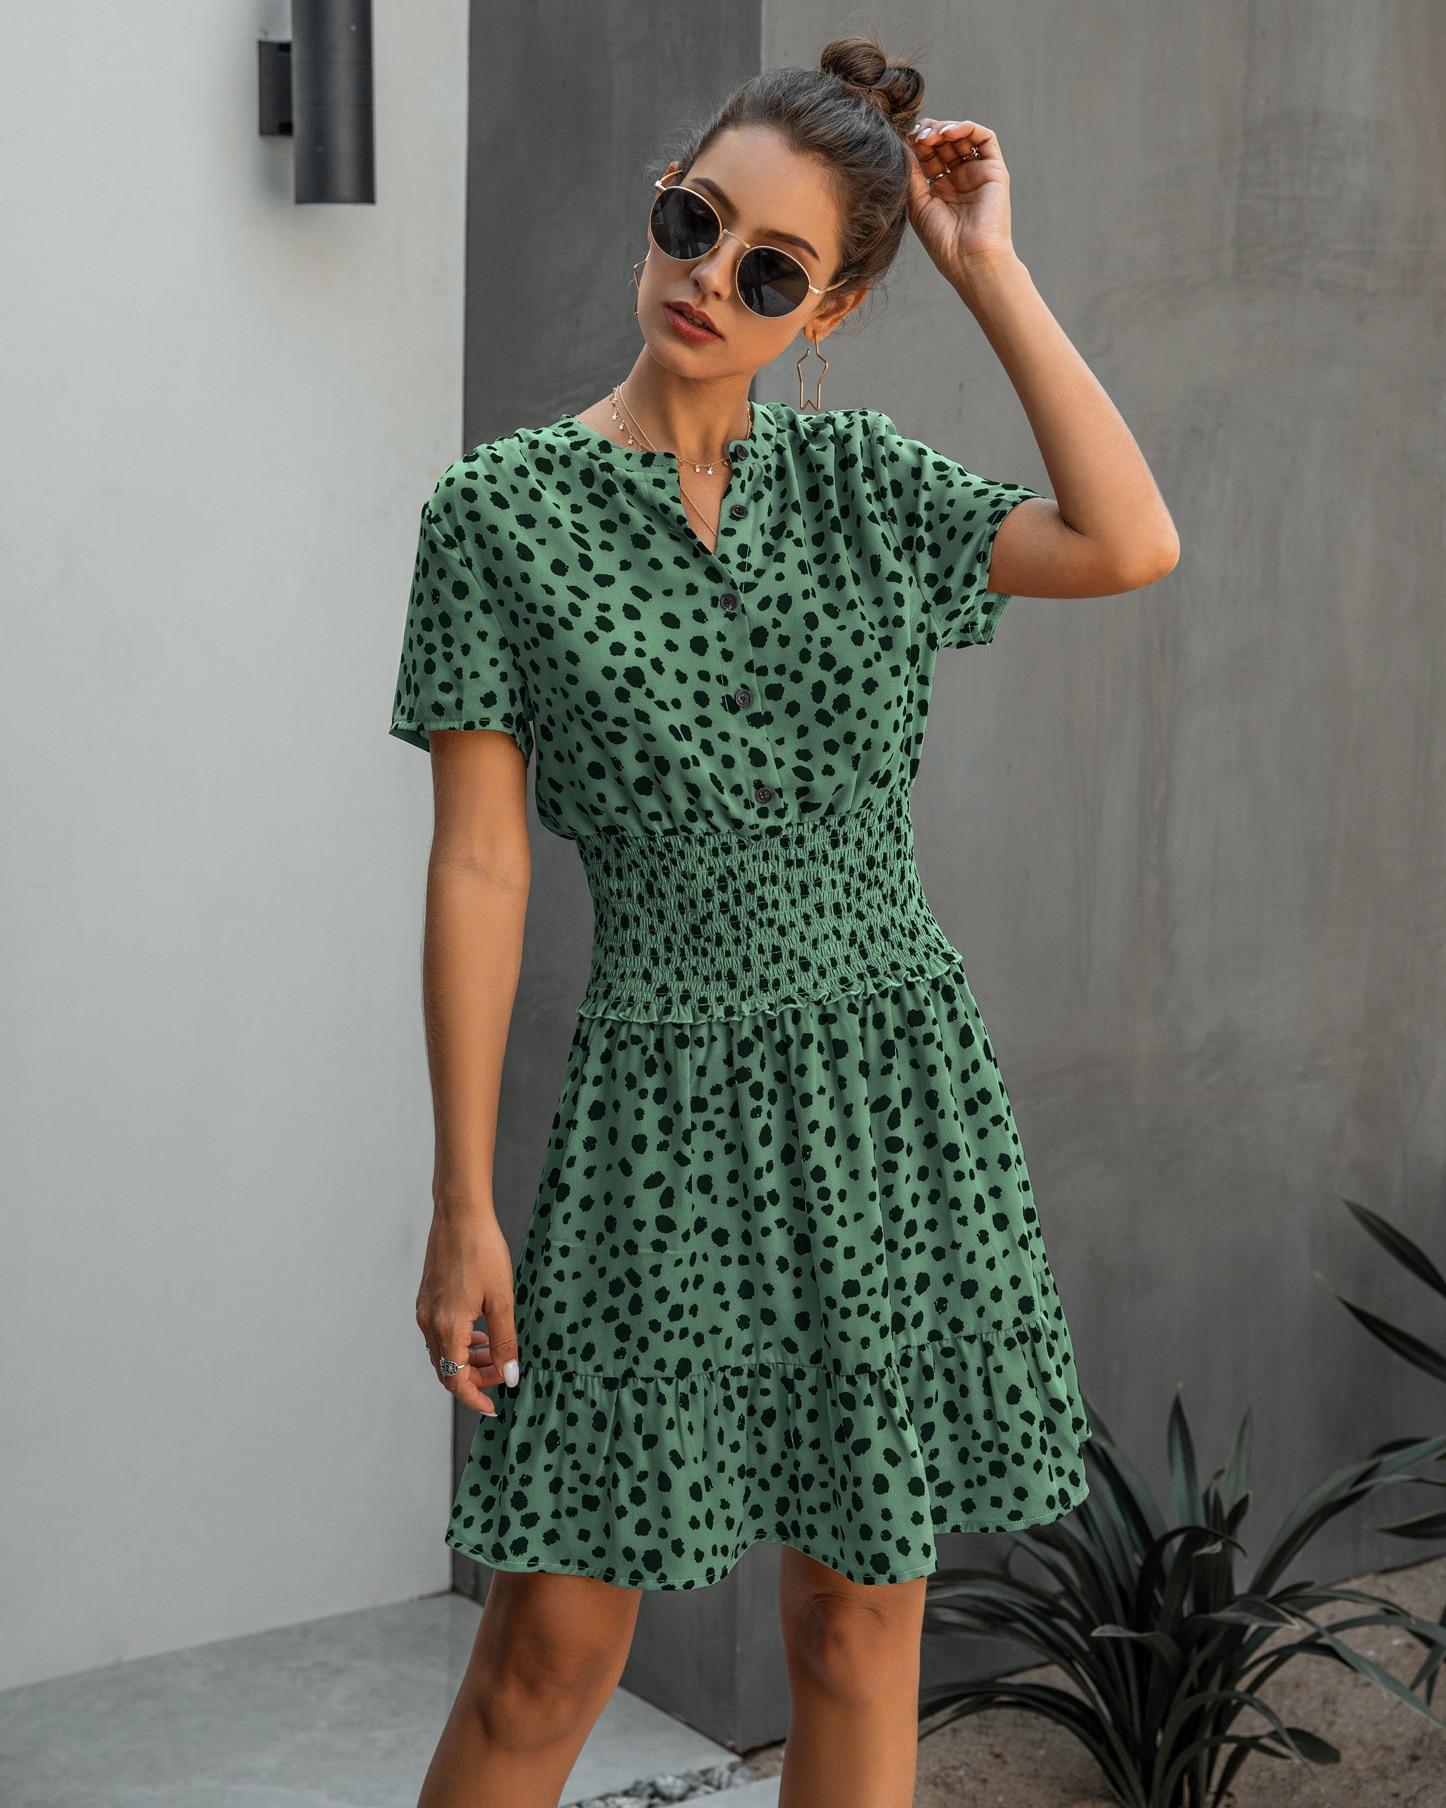 2020 novedad de Verano de la moda de las mujeres Bodycon Mini vestido de punto con cuello en V vestido Casual para Sexy mujeres de manga corta de vacaciones vestido